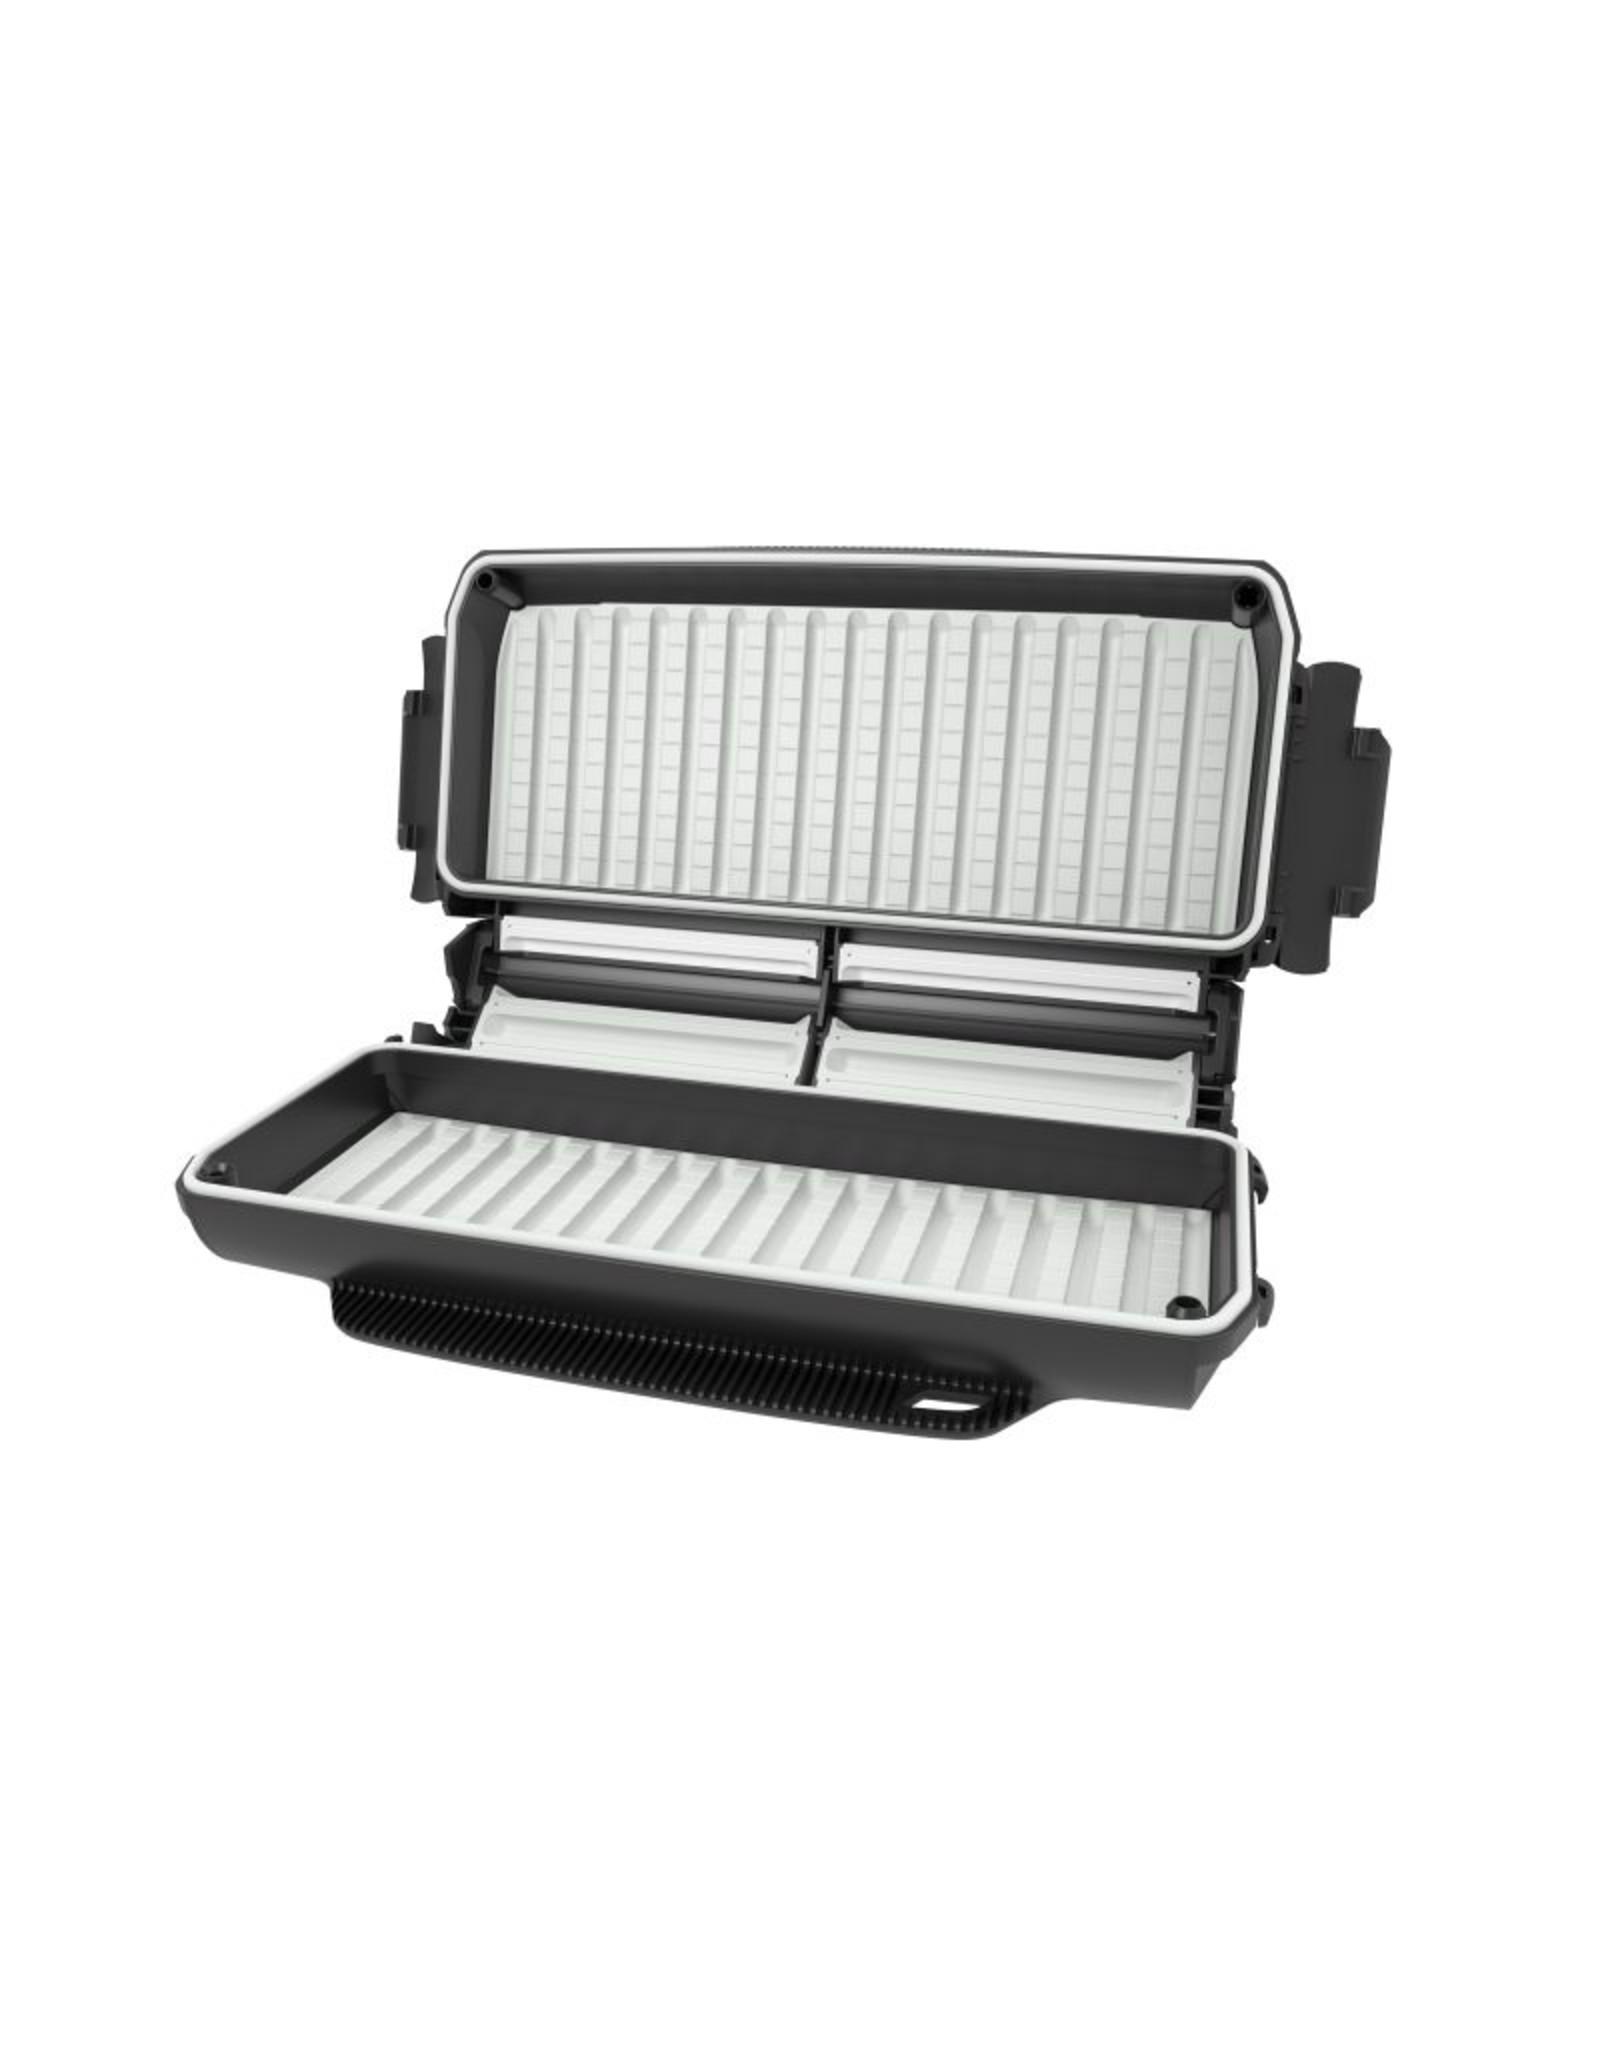 LOOP Opti 270 Tarpon/Predator Box - Carbon Grey